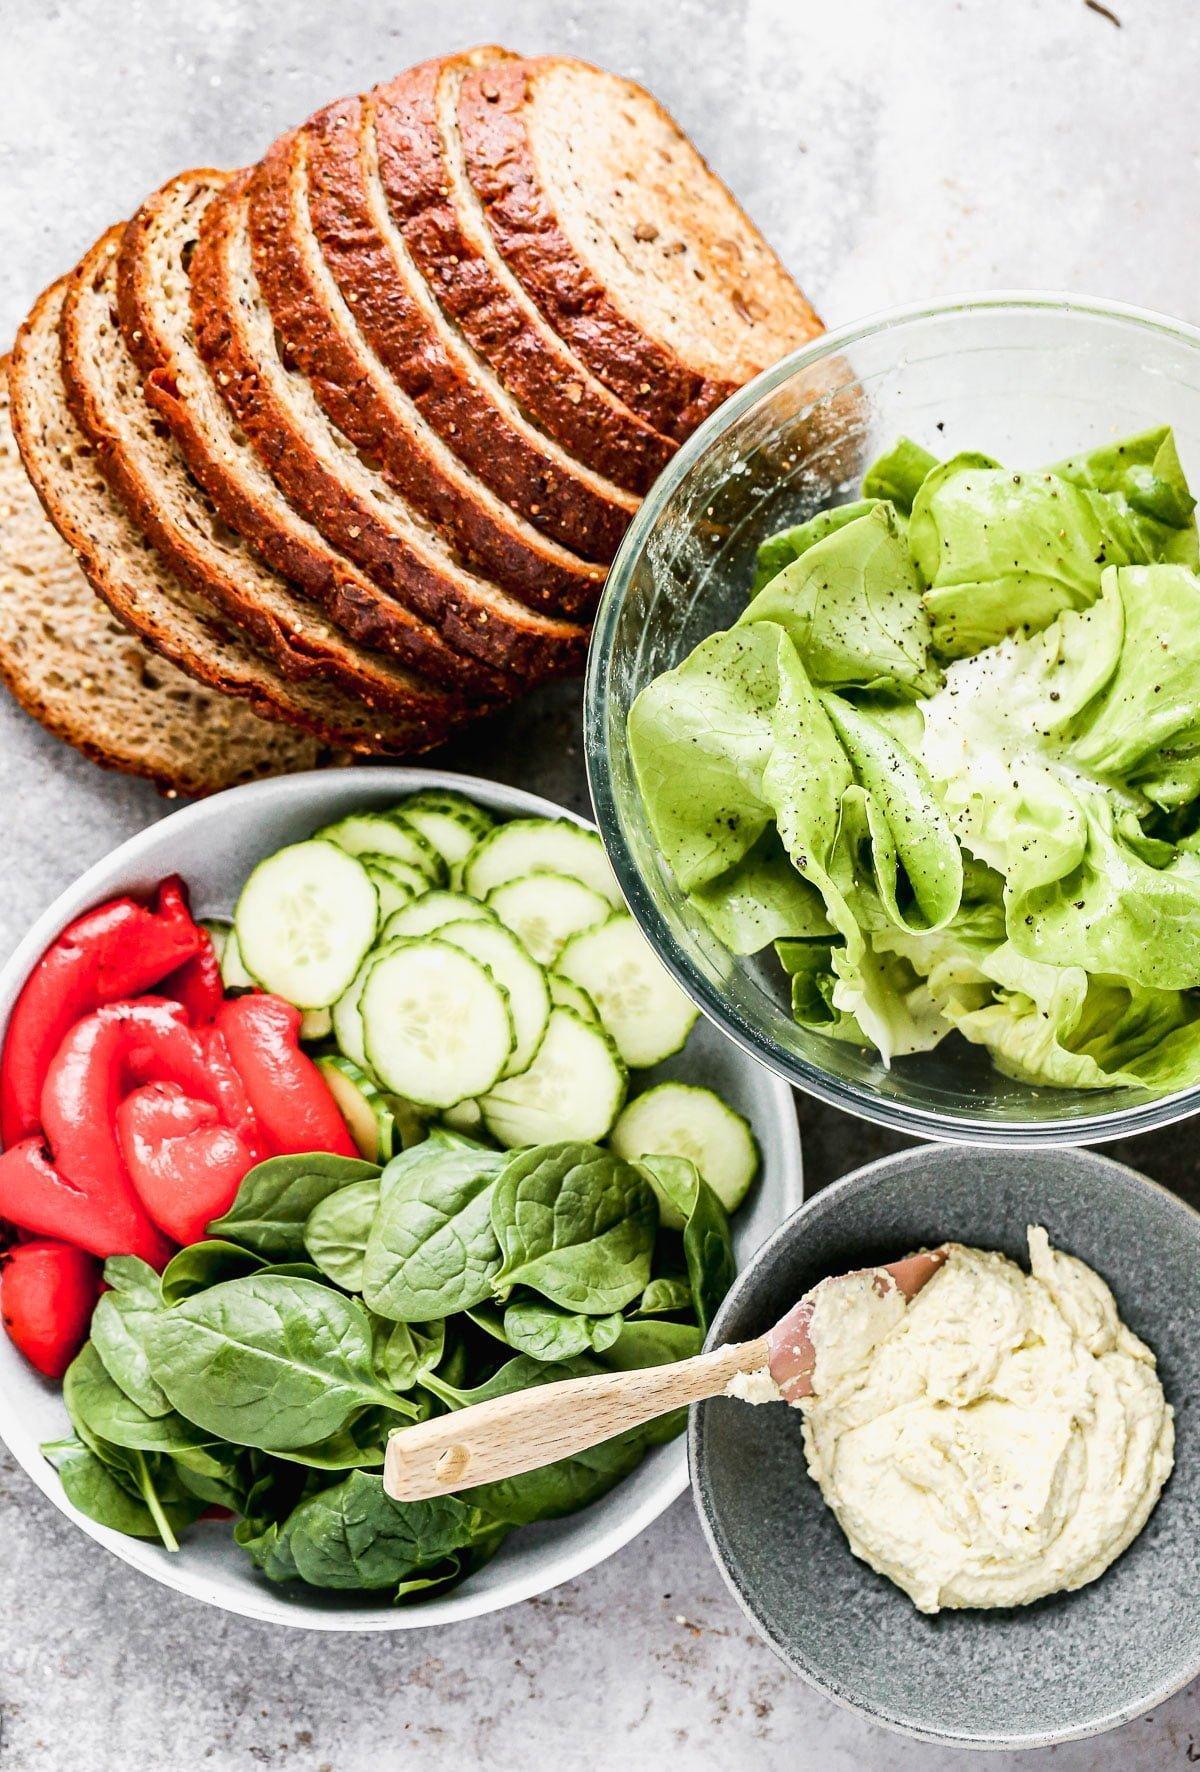 Multi-grain bread, butter, lettuce, and pistachio goat cheese.